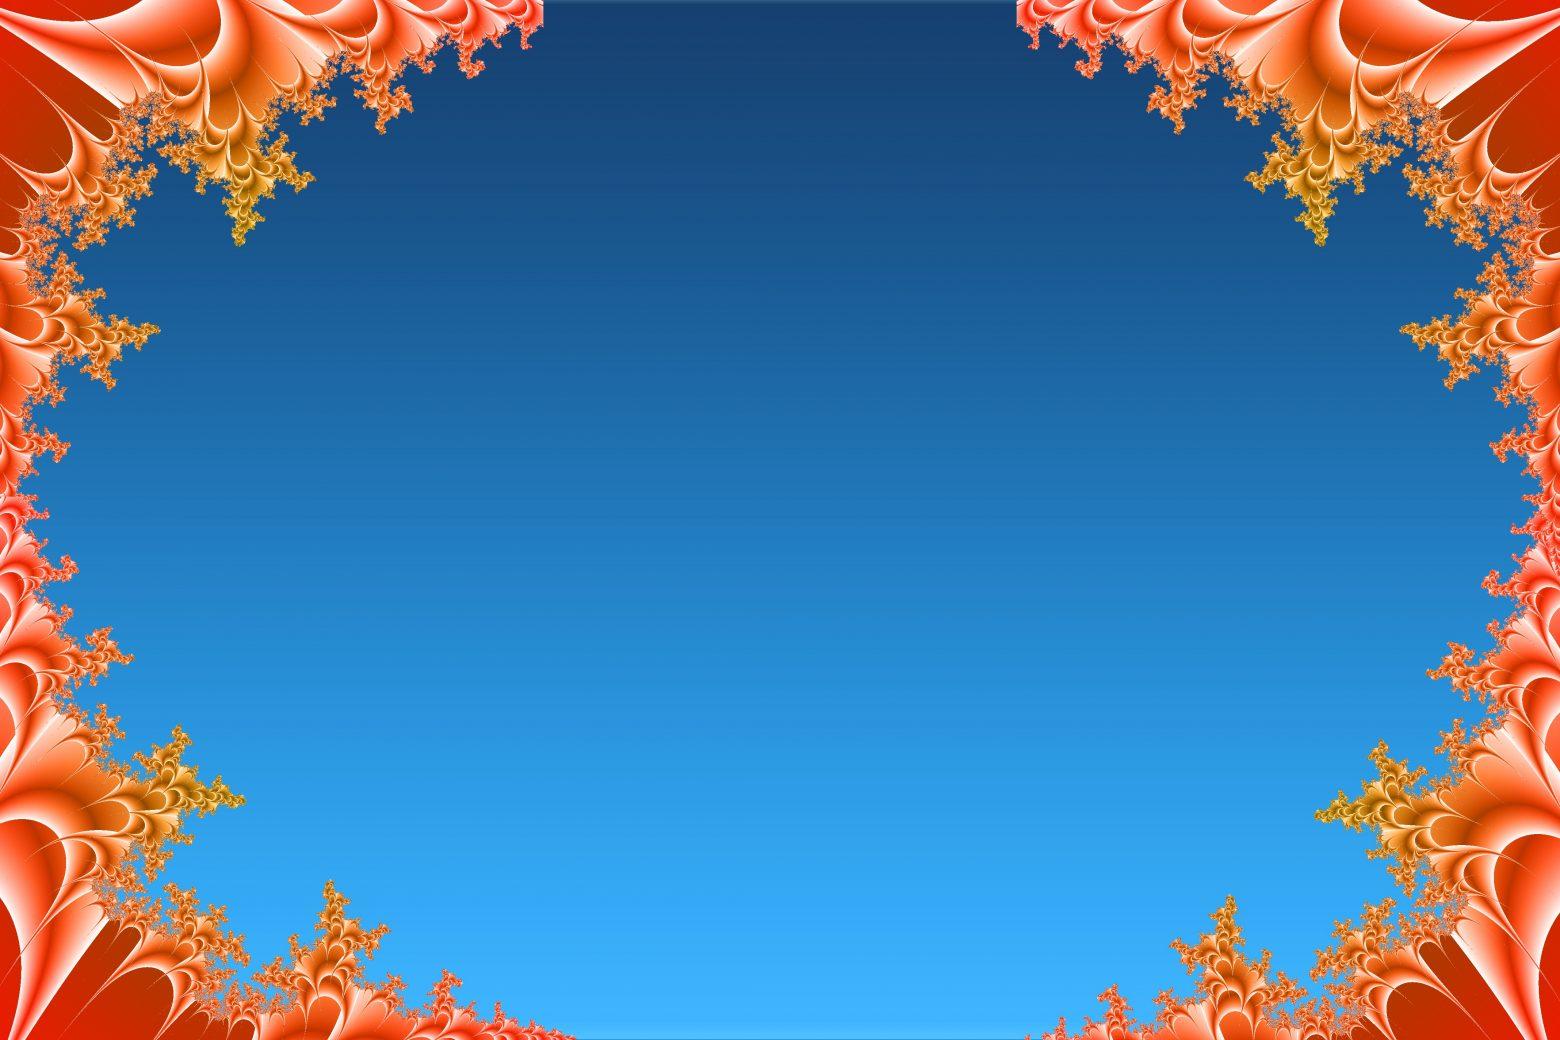 frame-479628